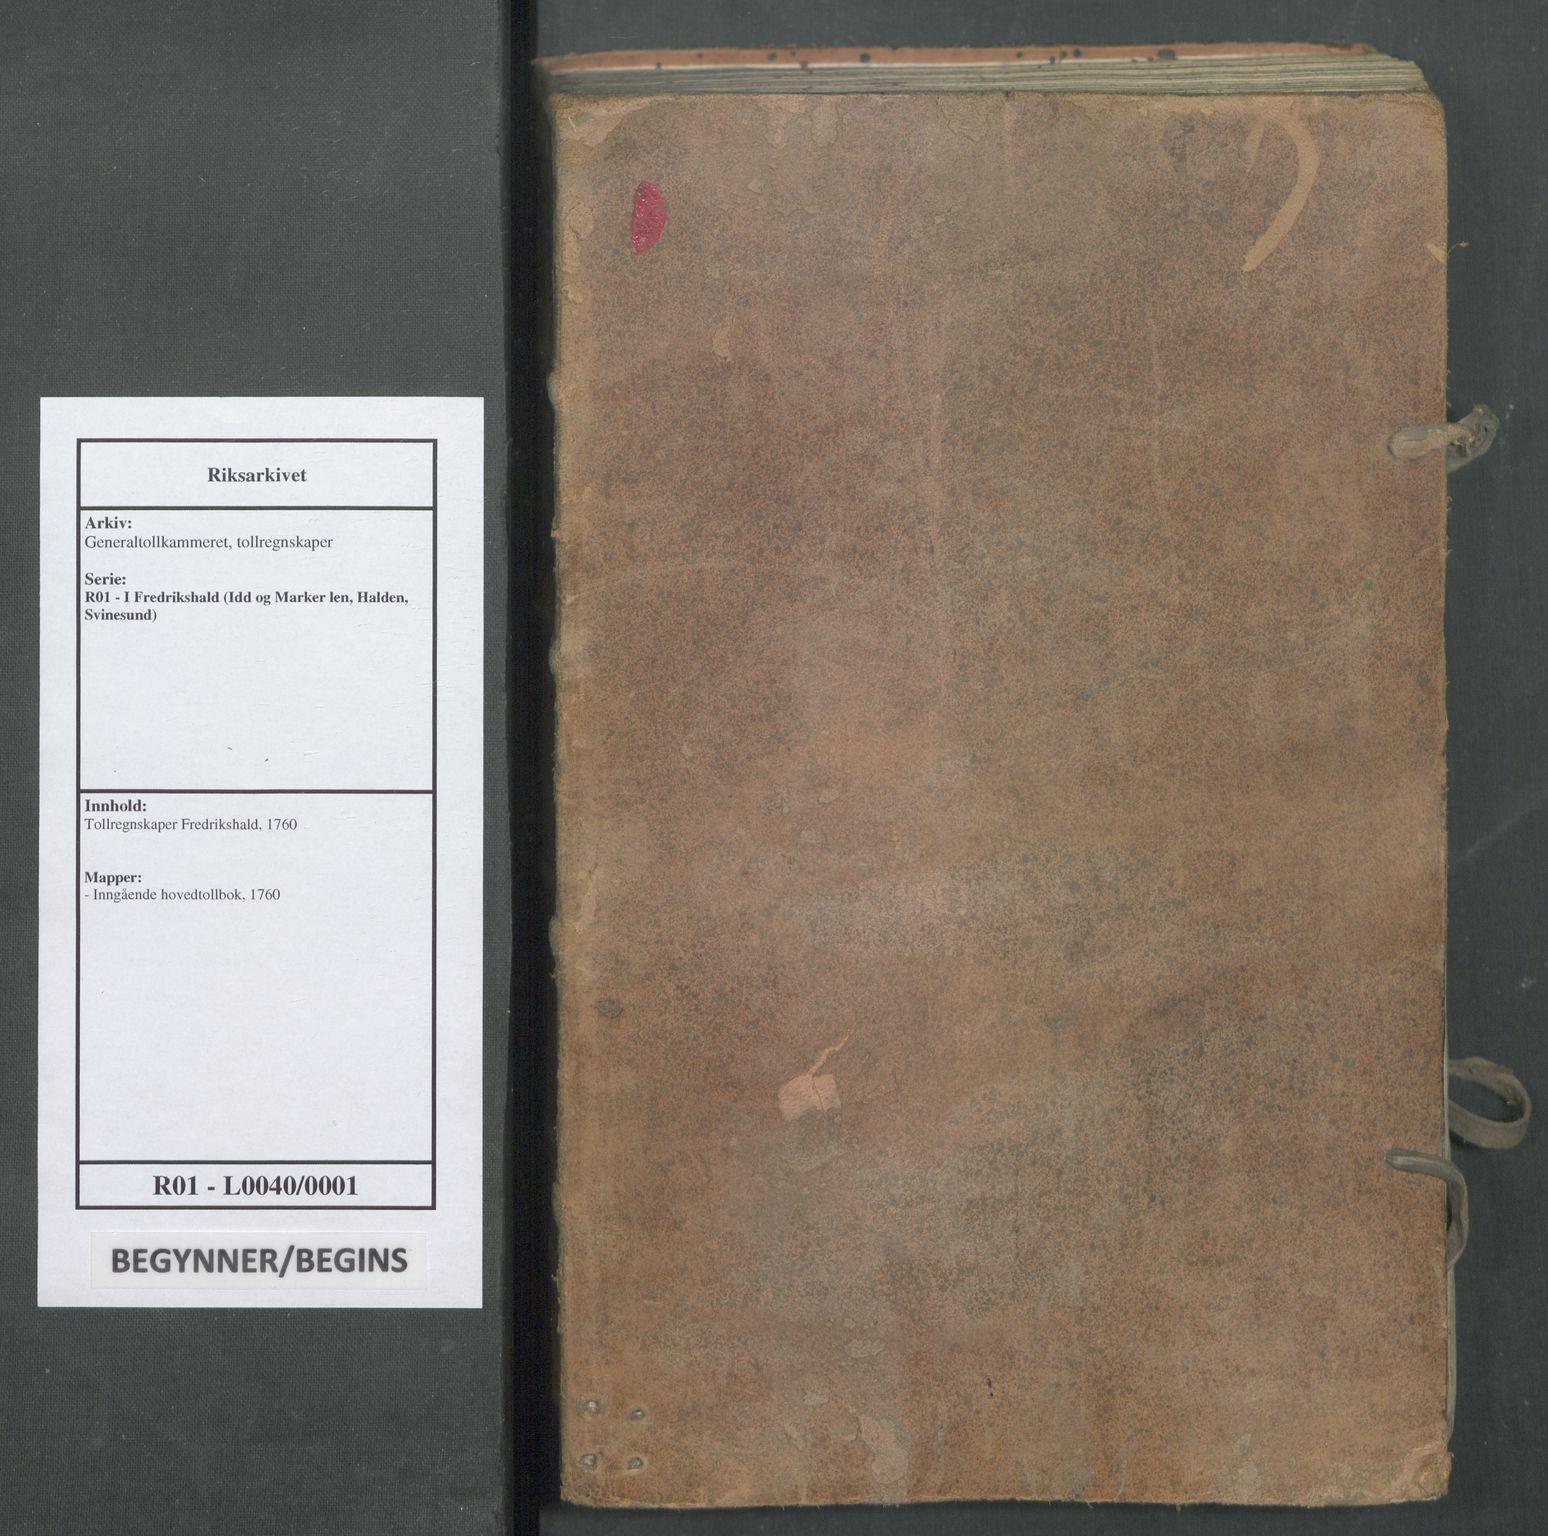 RA, Generaltollkammeret, tollregnskaper, R01/L0040: Tollregnskaper Fredrikshald, 1760